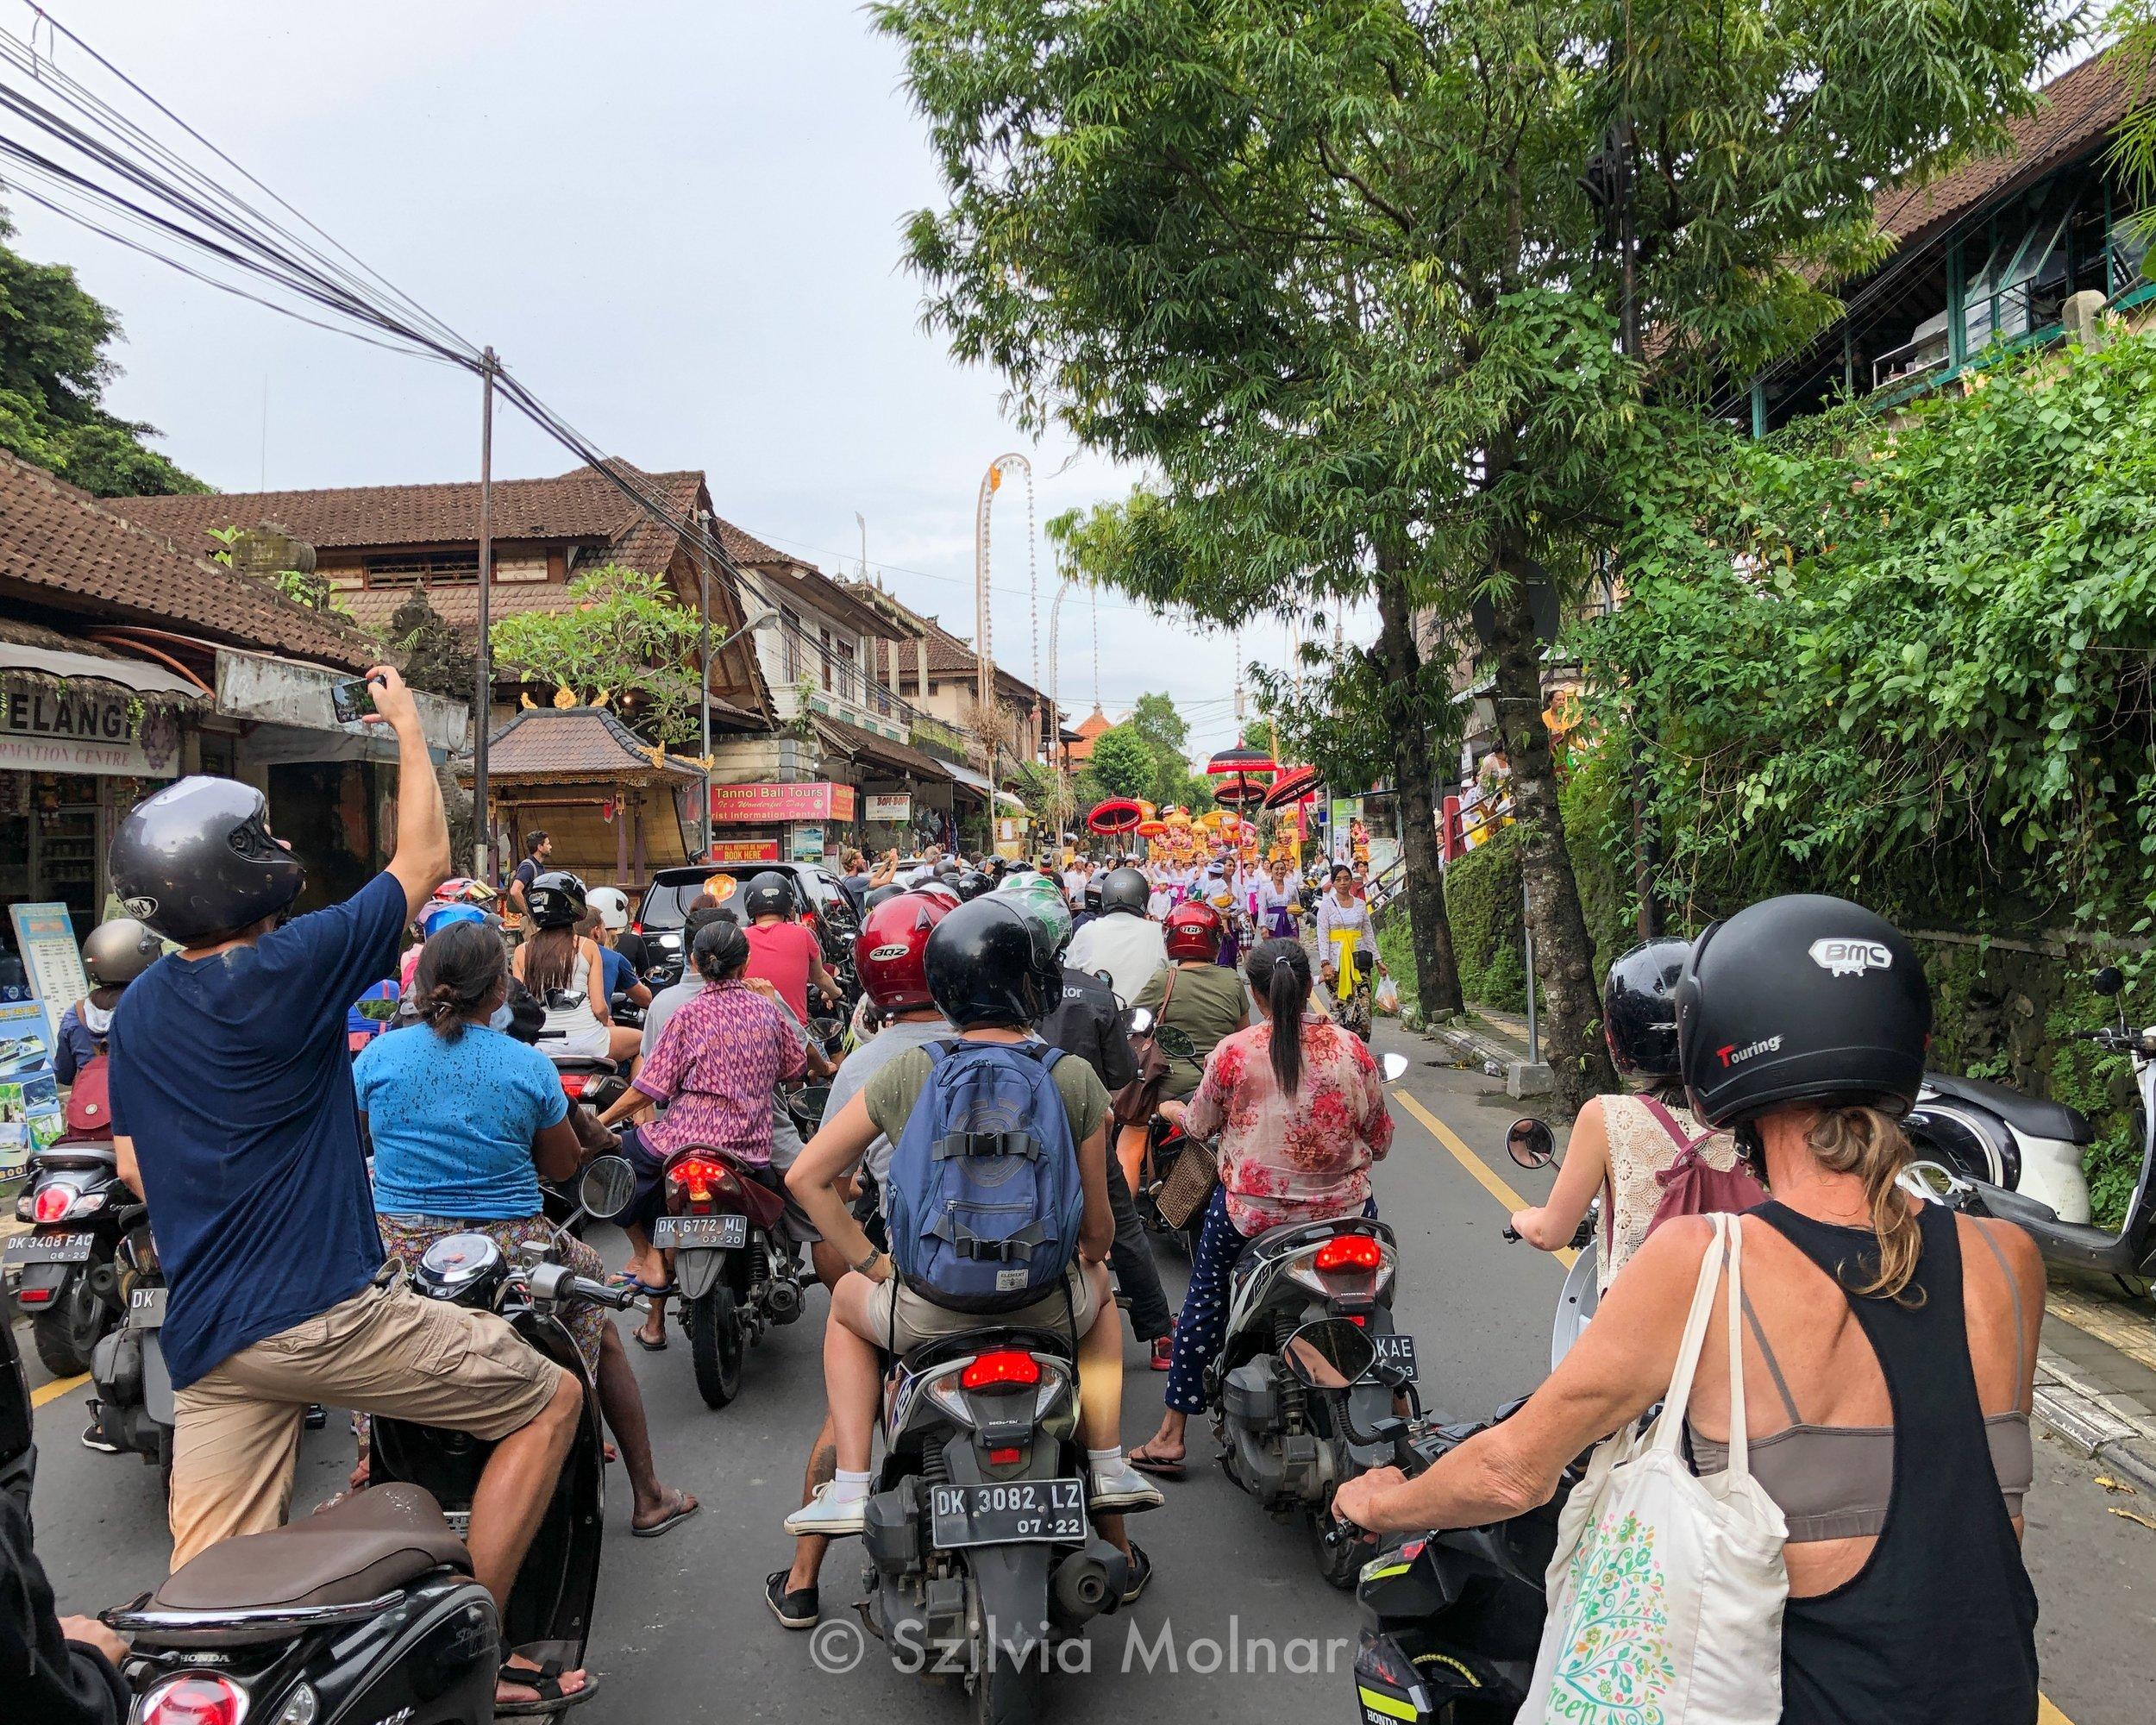 Azért az ubudi forgalmi dugók sokszor tartogatnak meglepetéseket. Itt például egy szertartási menet jön szemből.